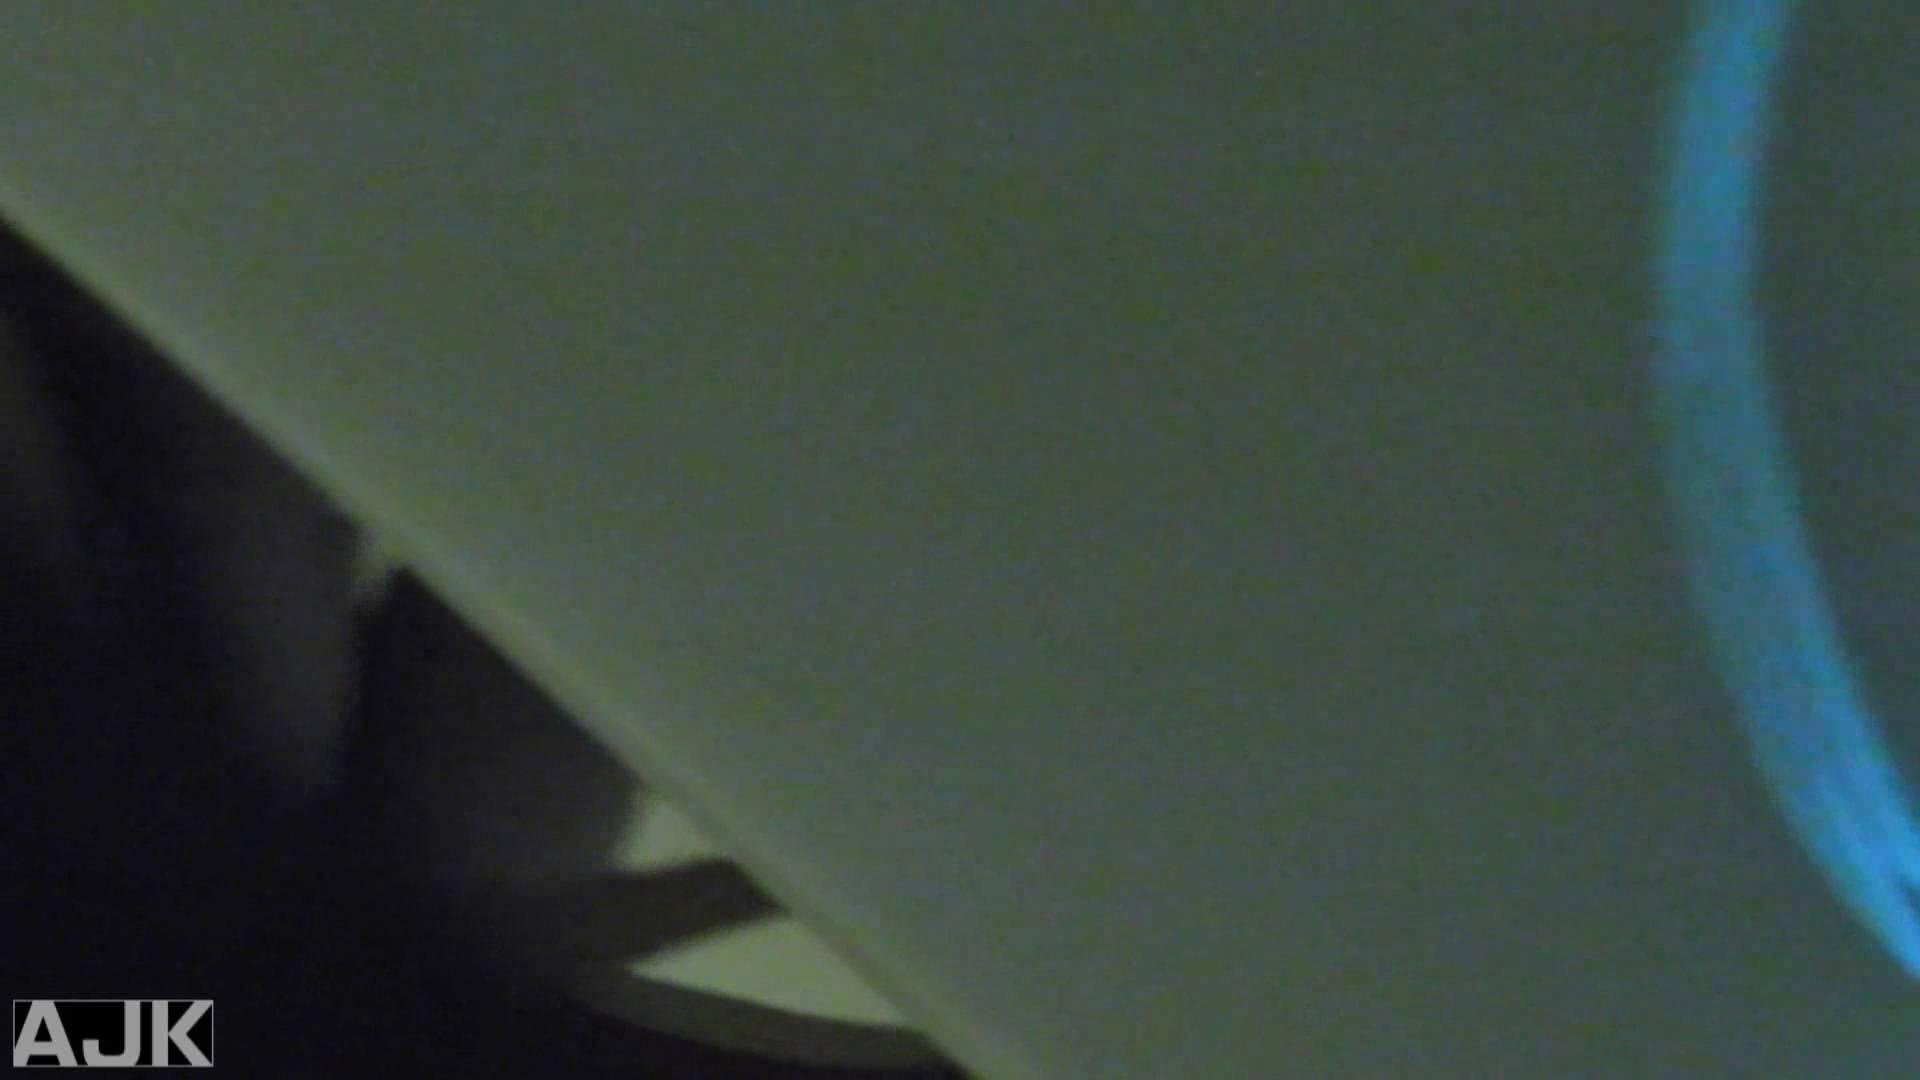 神降臨!史上最強の潜入かわや! vol.23 美女エロ画像 ワレメ動画紹介 78PICs 19